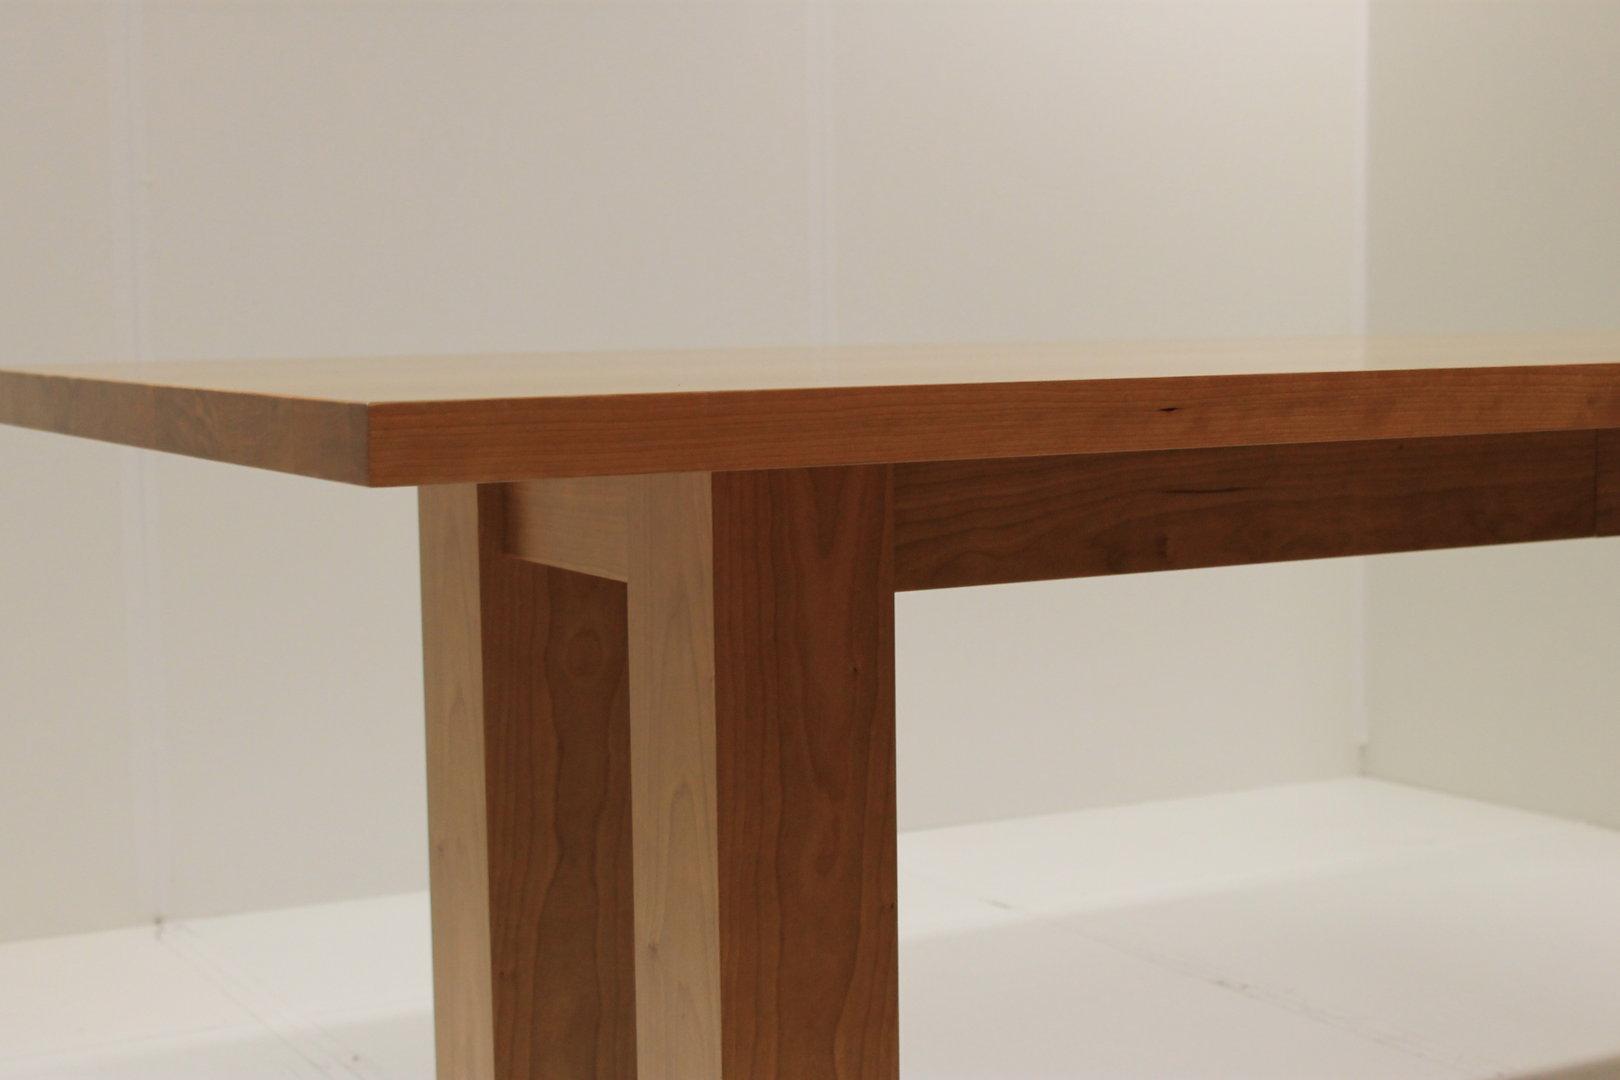 Wag 3 esstisch amerikanische kirsche furniert lackiert l b h 220 100 74 cm mobilia collection - Esstisch kirsche ...